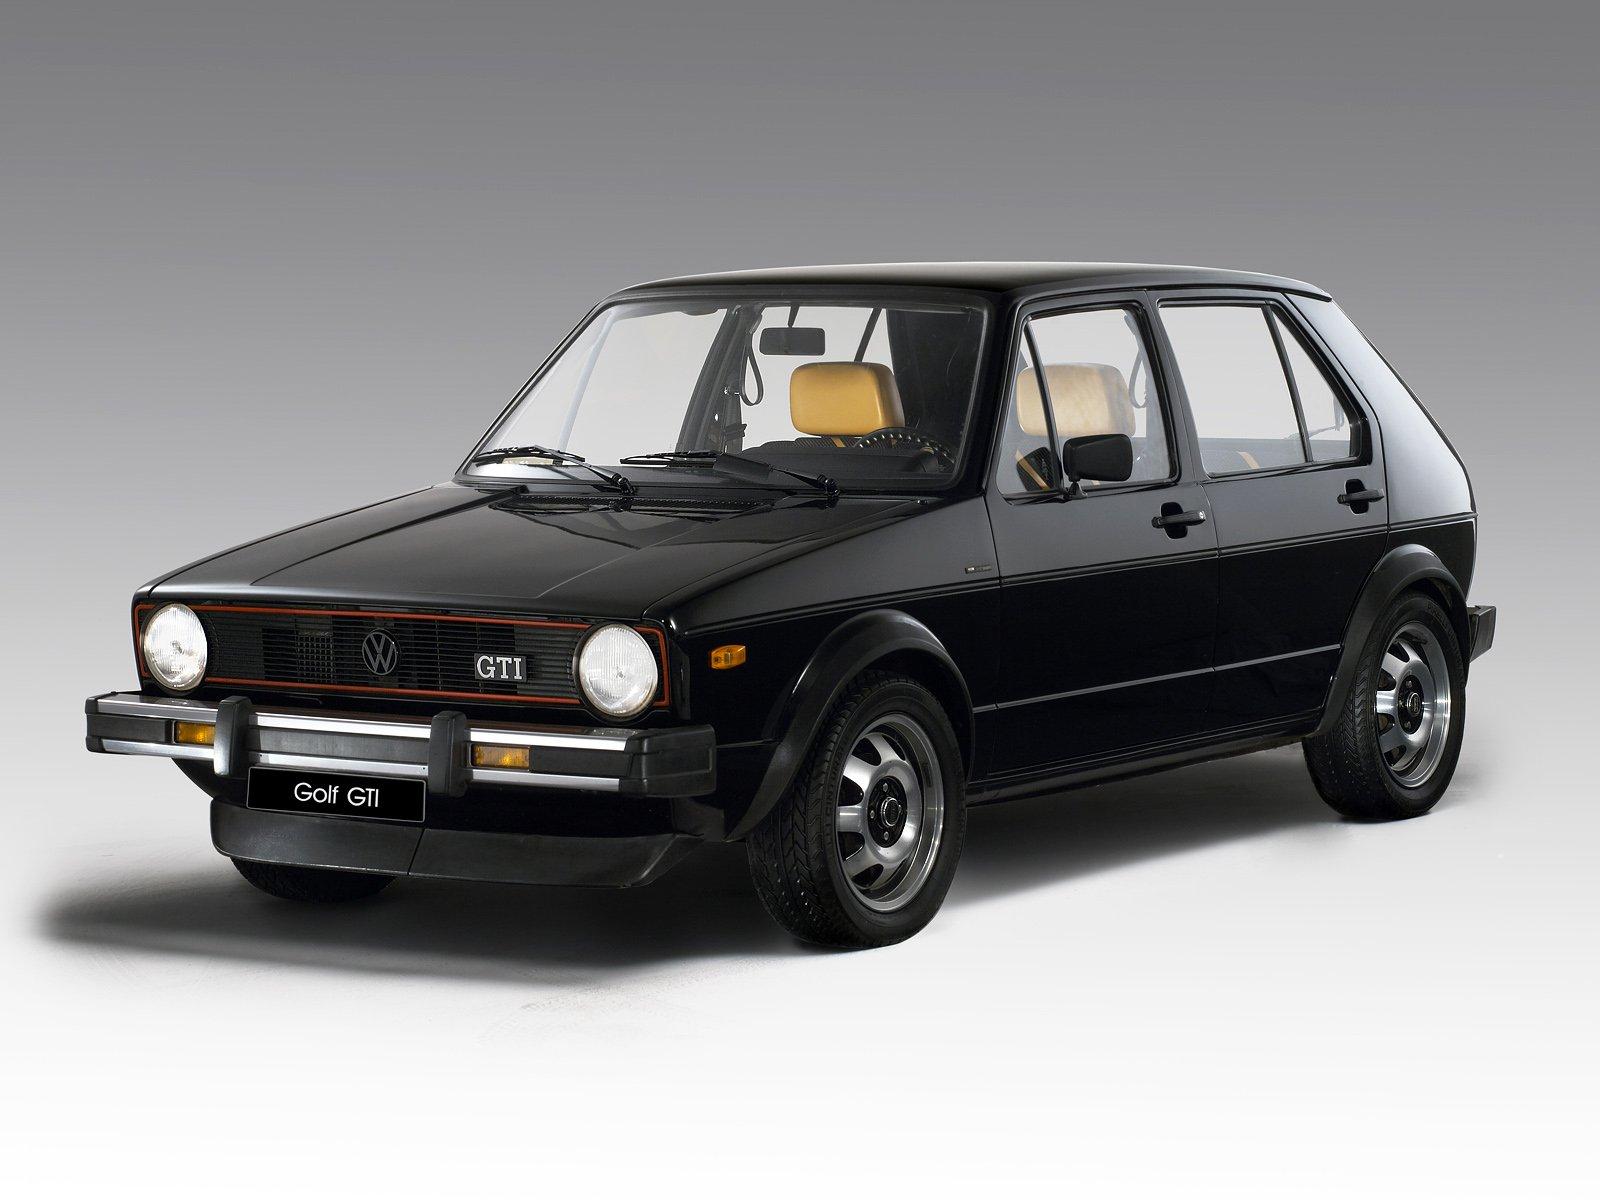 volkswagen golf gti mk1 5 door cars wallpaper 1600x1200. Black Bedroom Furniture Sets. Home Design Ideas